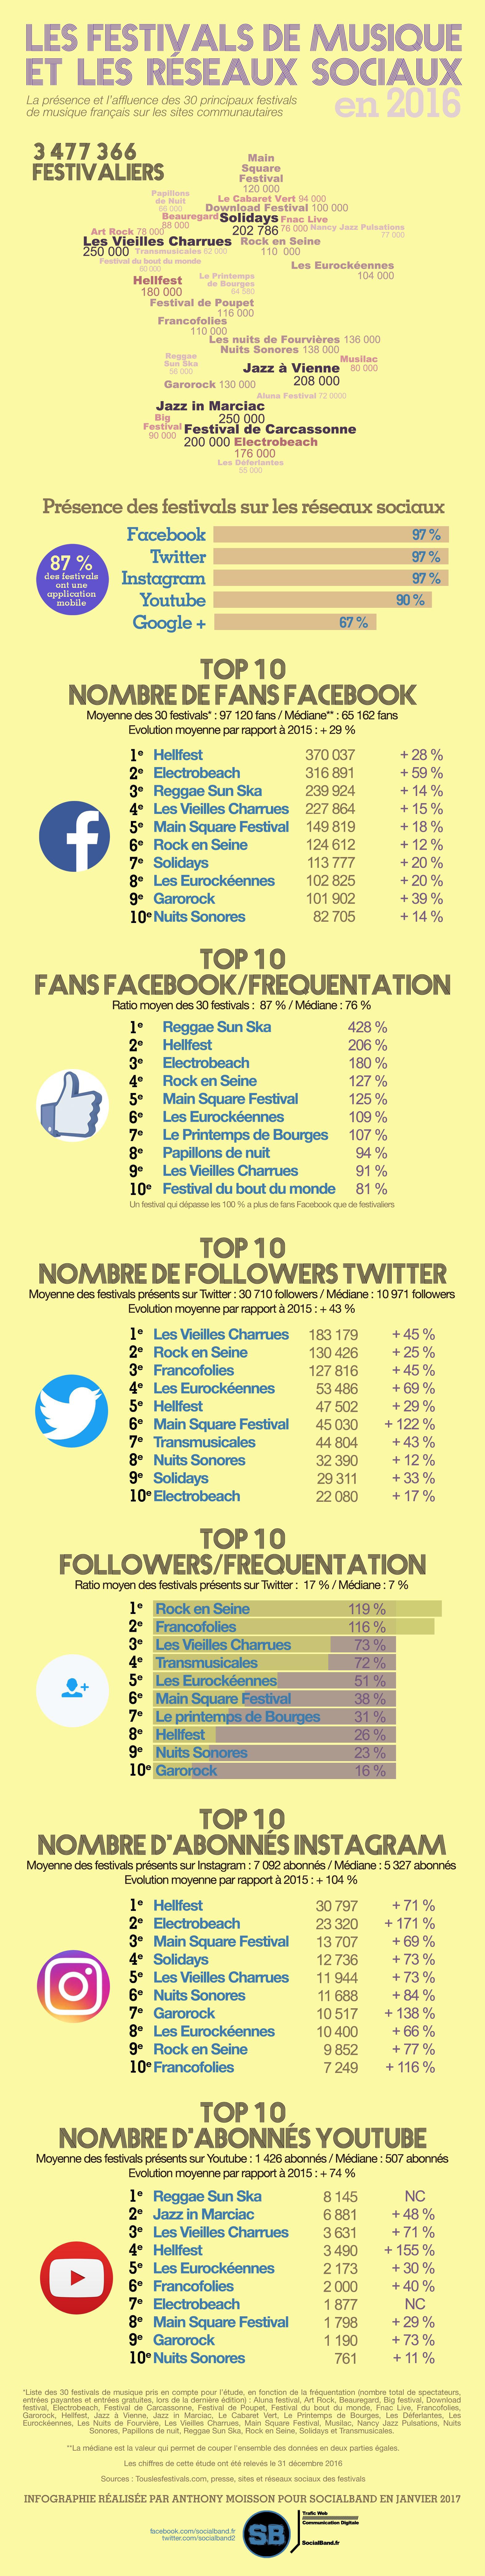 infographie_festivals_et_reseaux_sociaux_2016